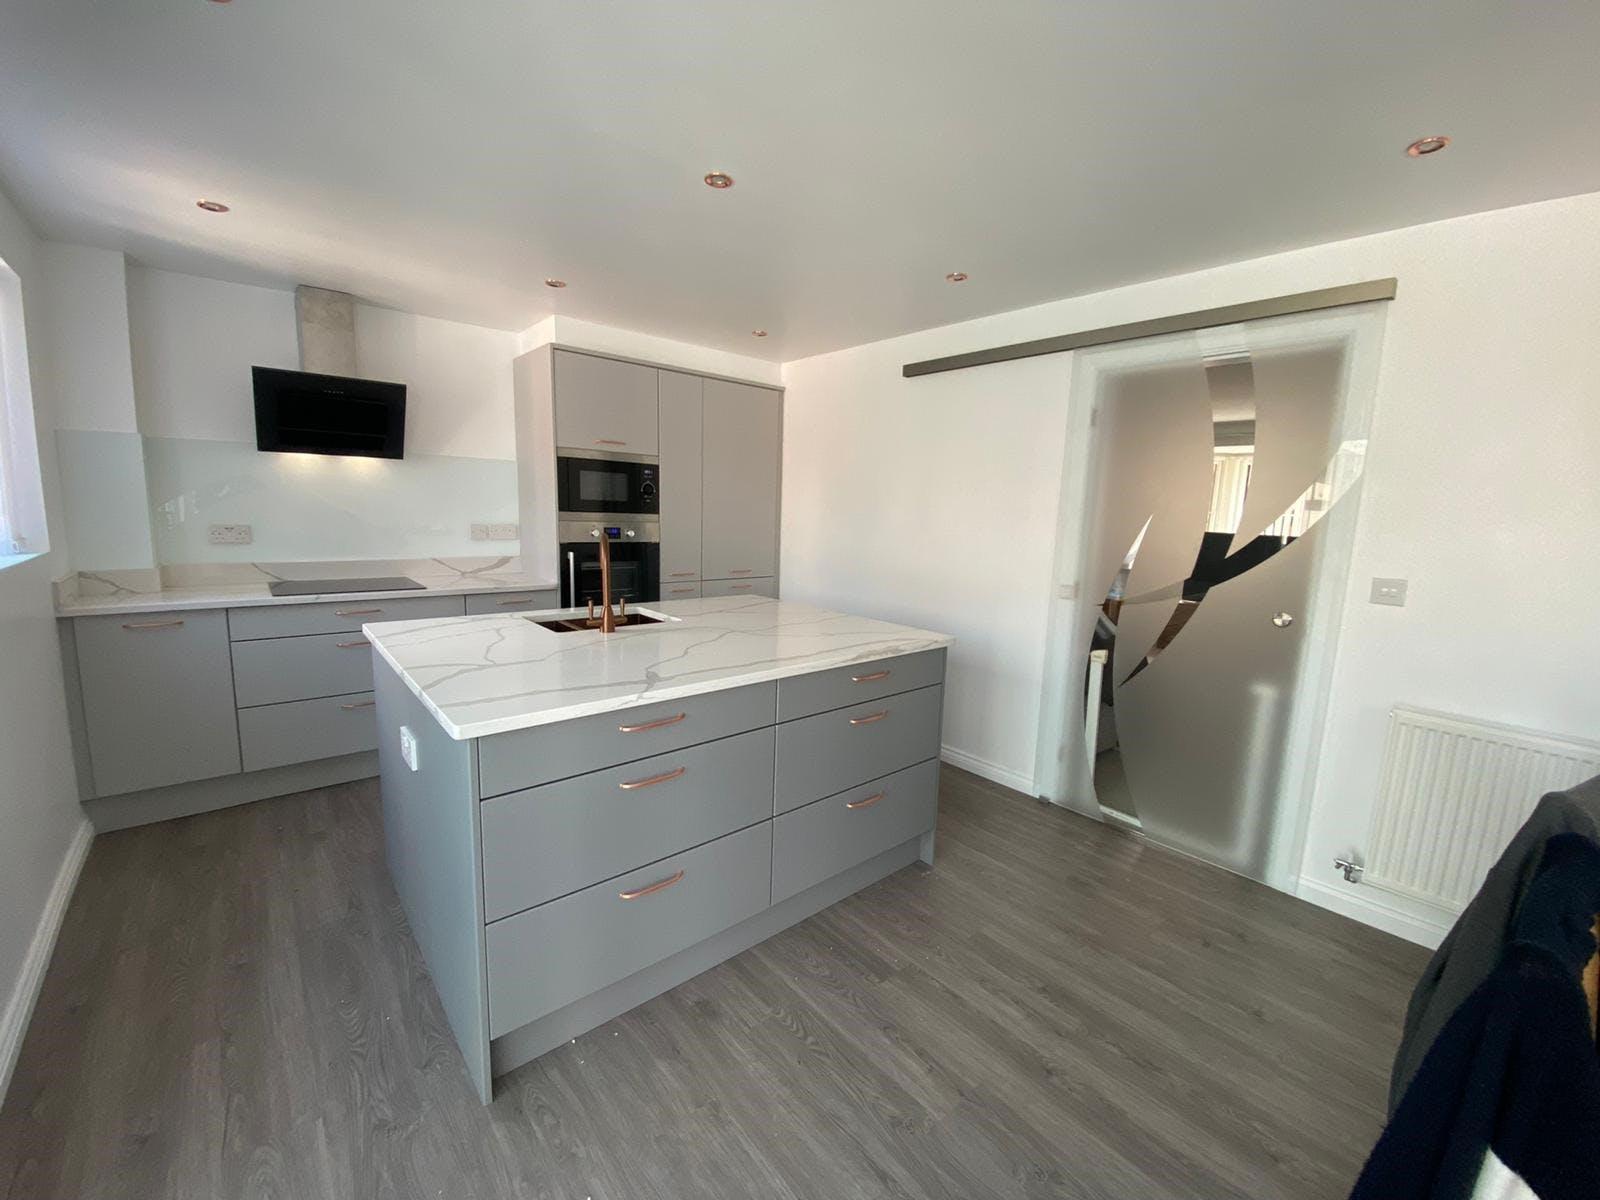 Get Slab Kitchen Island With Calacatta Quartz Worktop and Bespoke Sliding Glass Door Sheffield